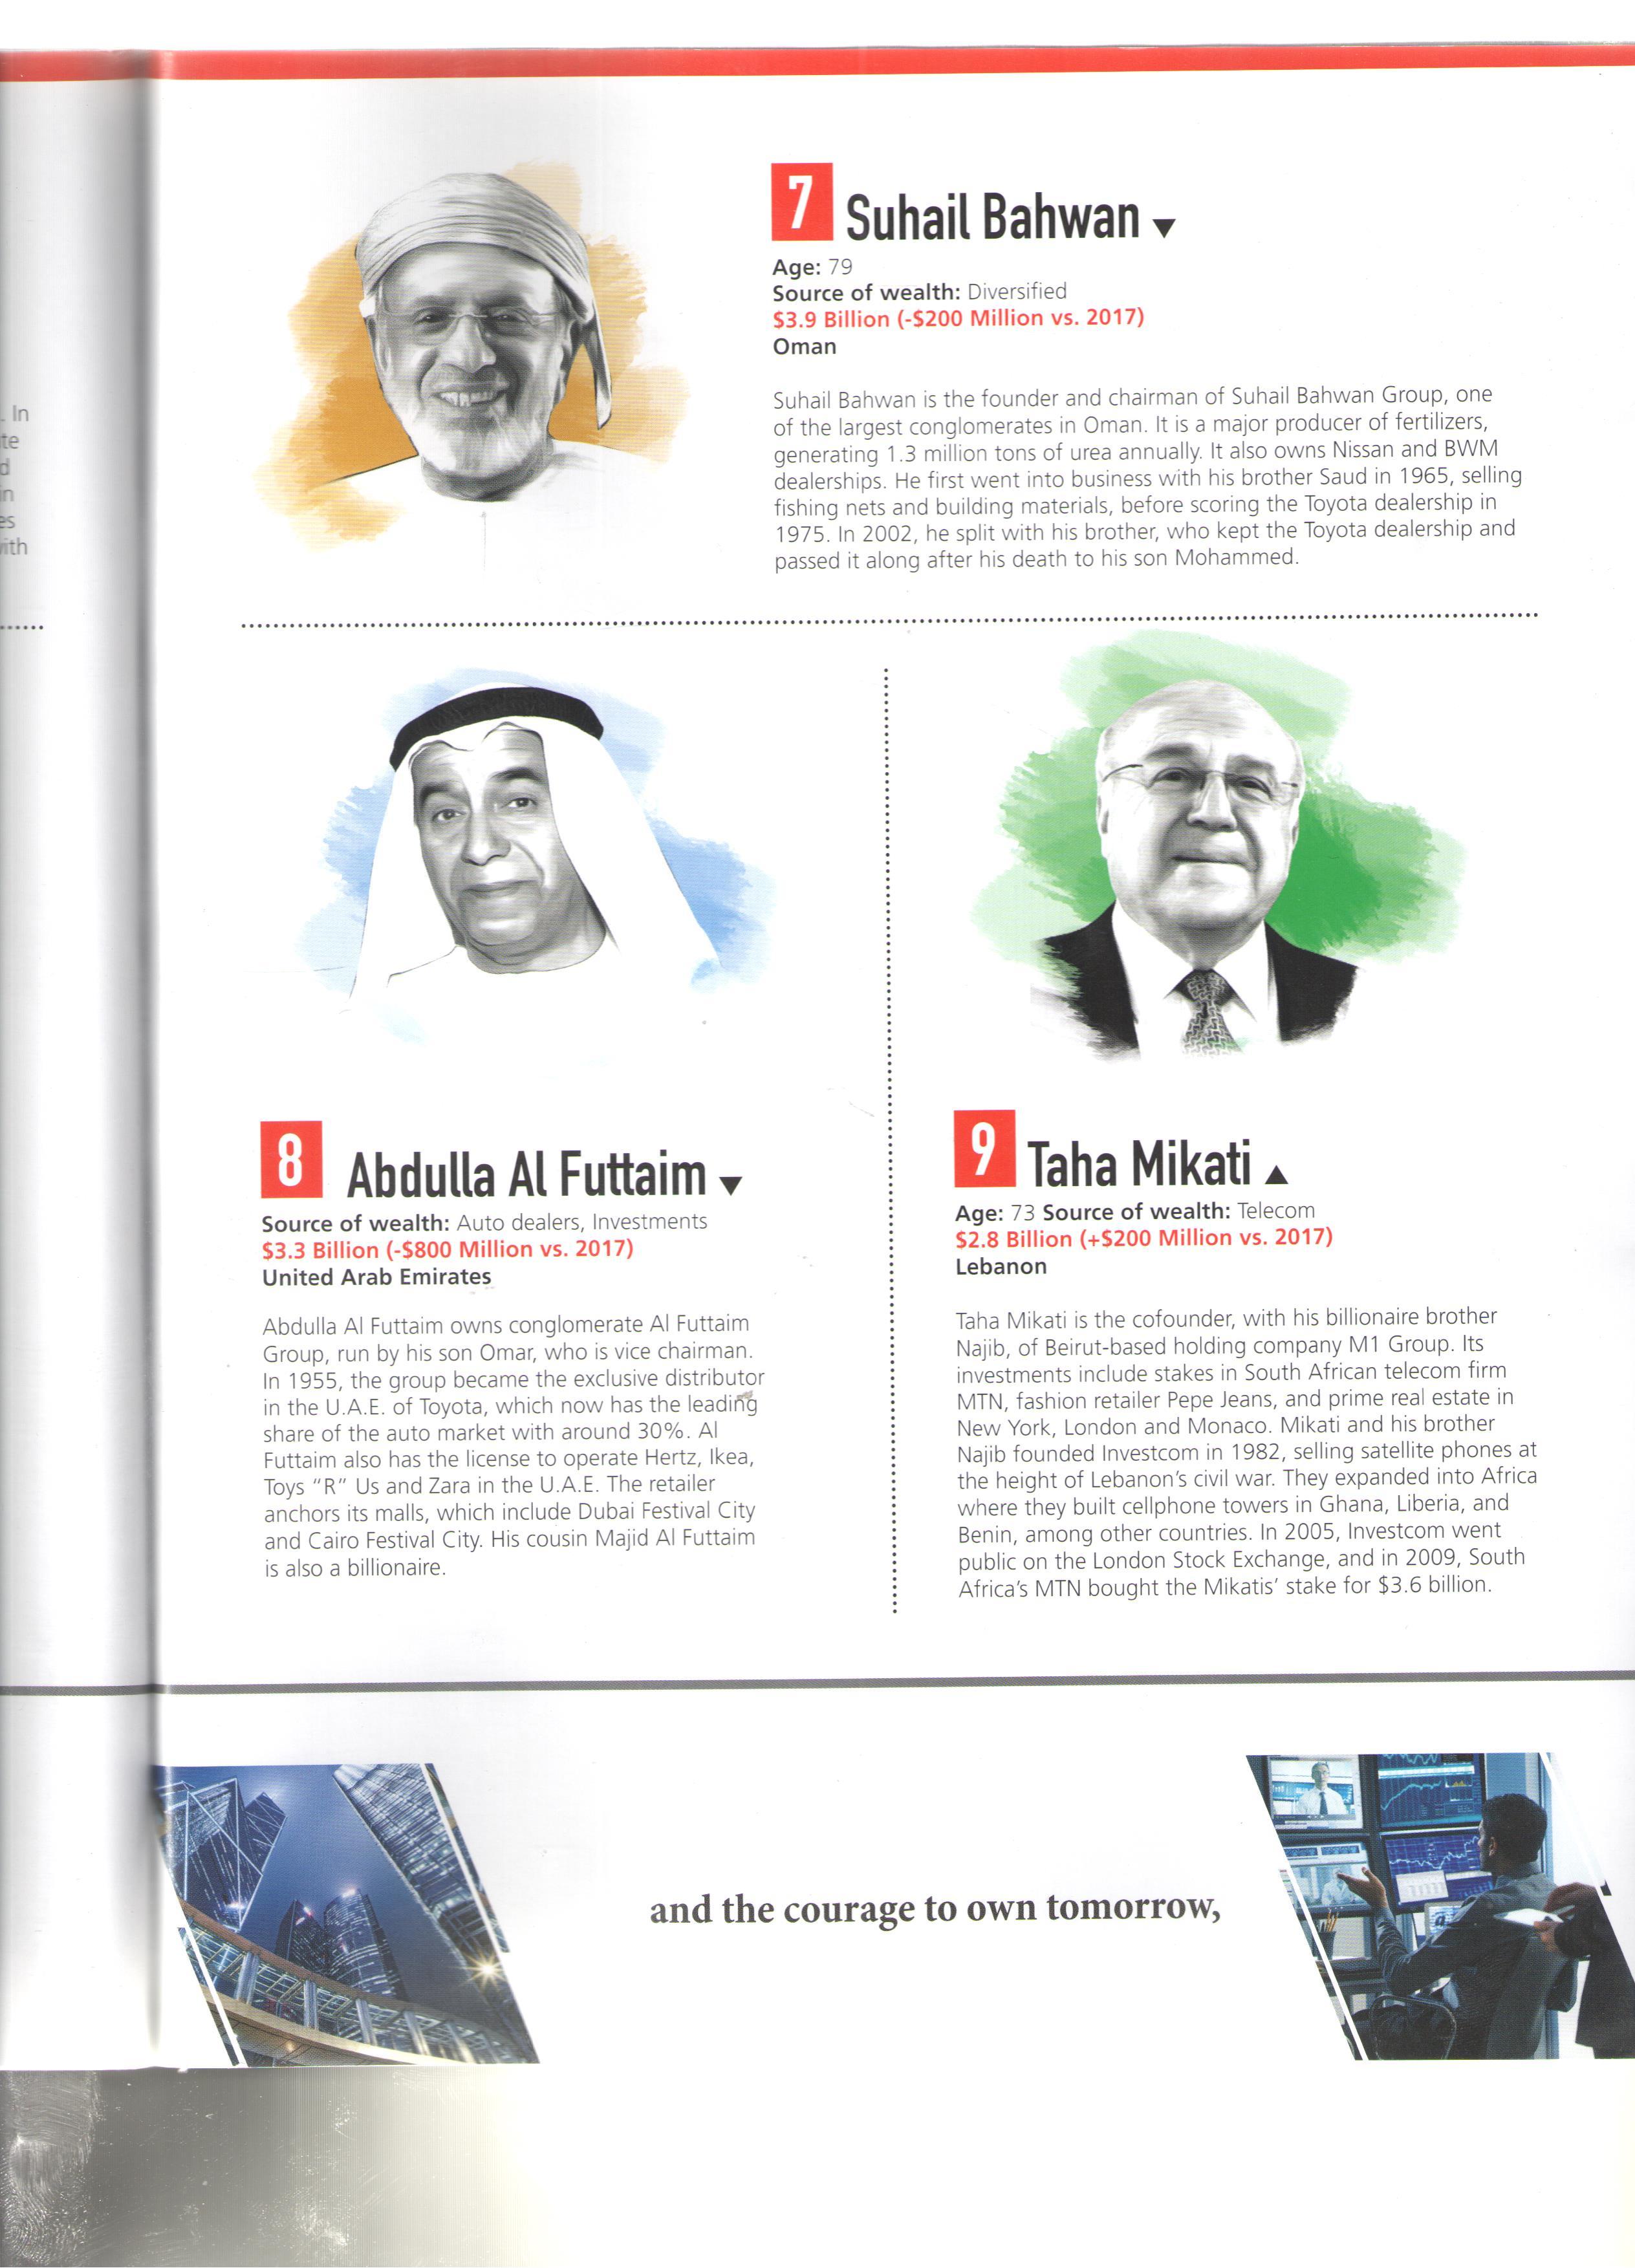 734595-تصنيف-فوربس-لأثرياء-العرب-فى-2018